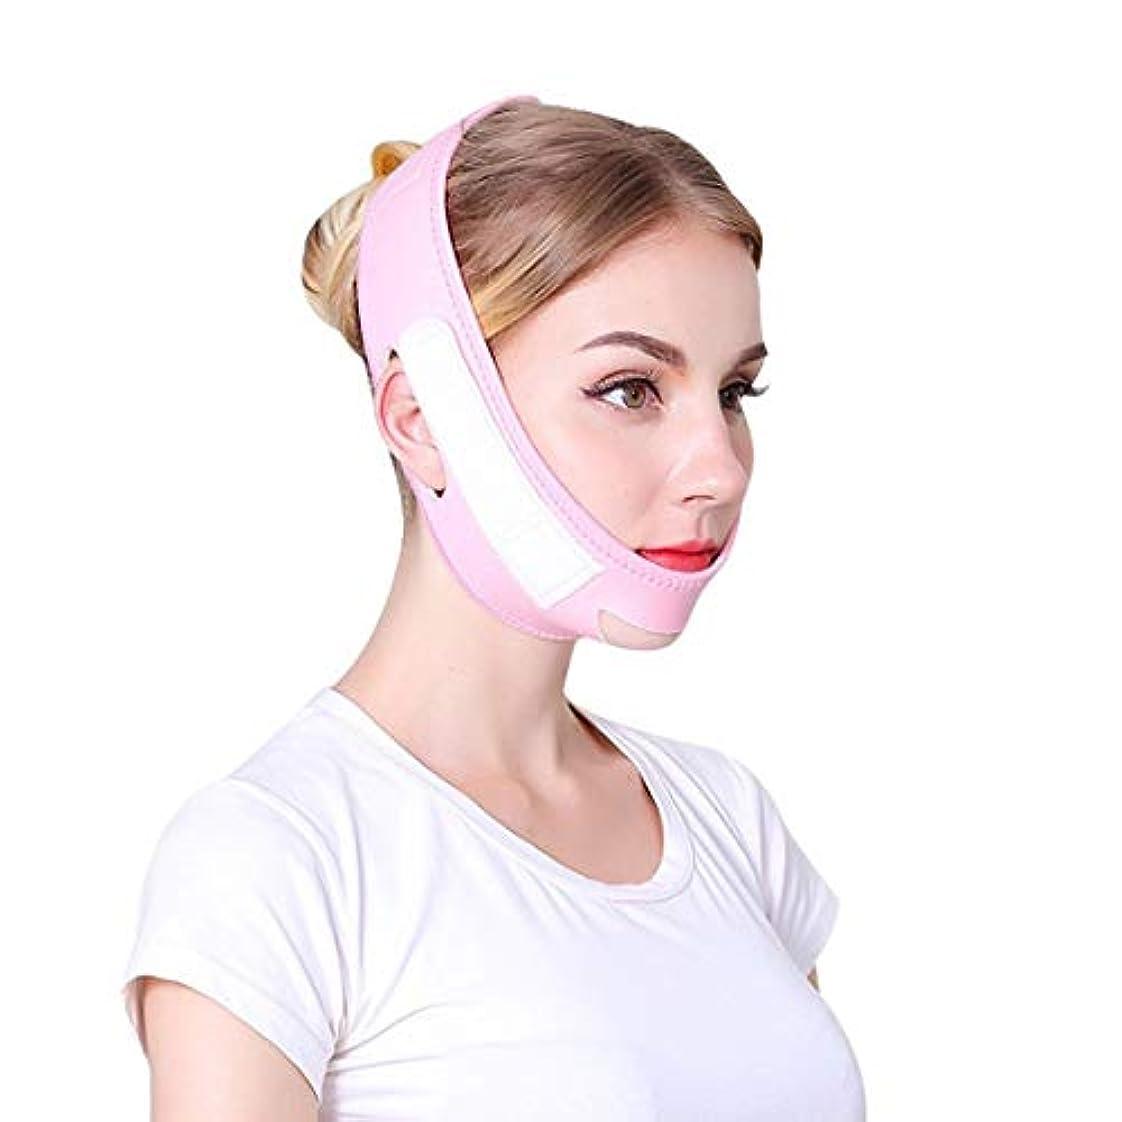 肉の反対にギャラントリーZWBD フェイスマスク, 痩身Vマスク二重あごケア減量美容ベルト付きフェイスリフティング包帯顔の減量マスクリフティングフェイス